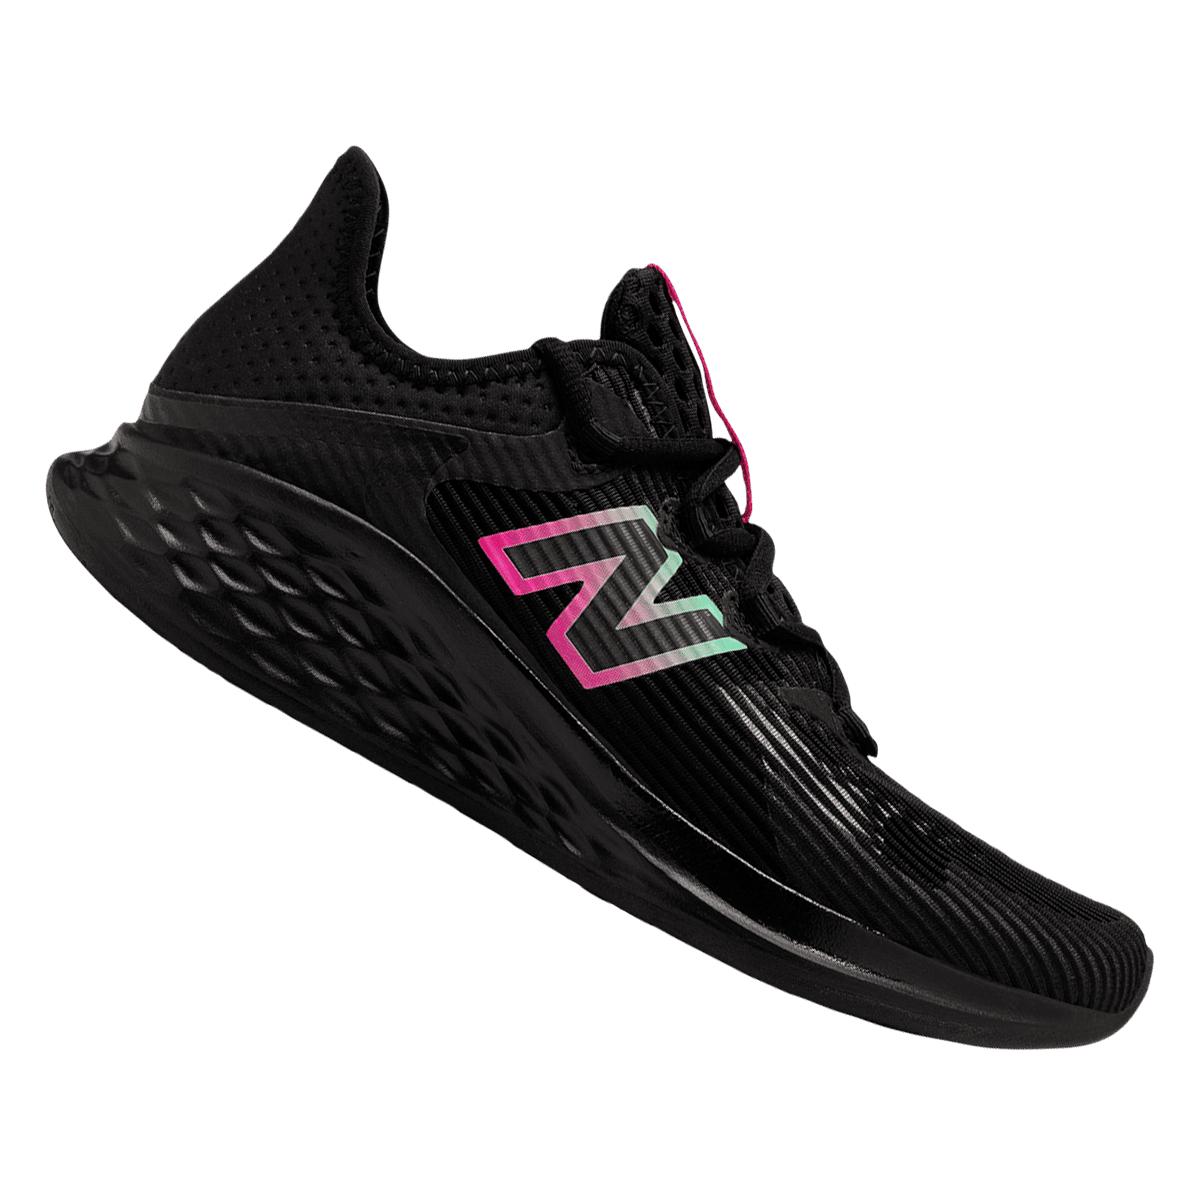 Baskets New Balance Fresh Foam Roav Haze pour Femme - Noir - Tailles du 36 au 43